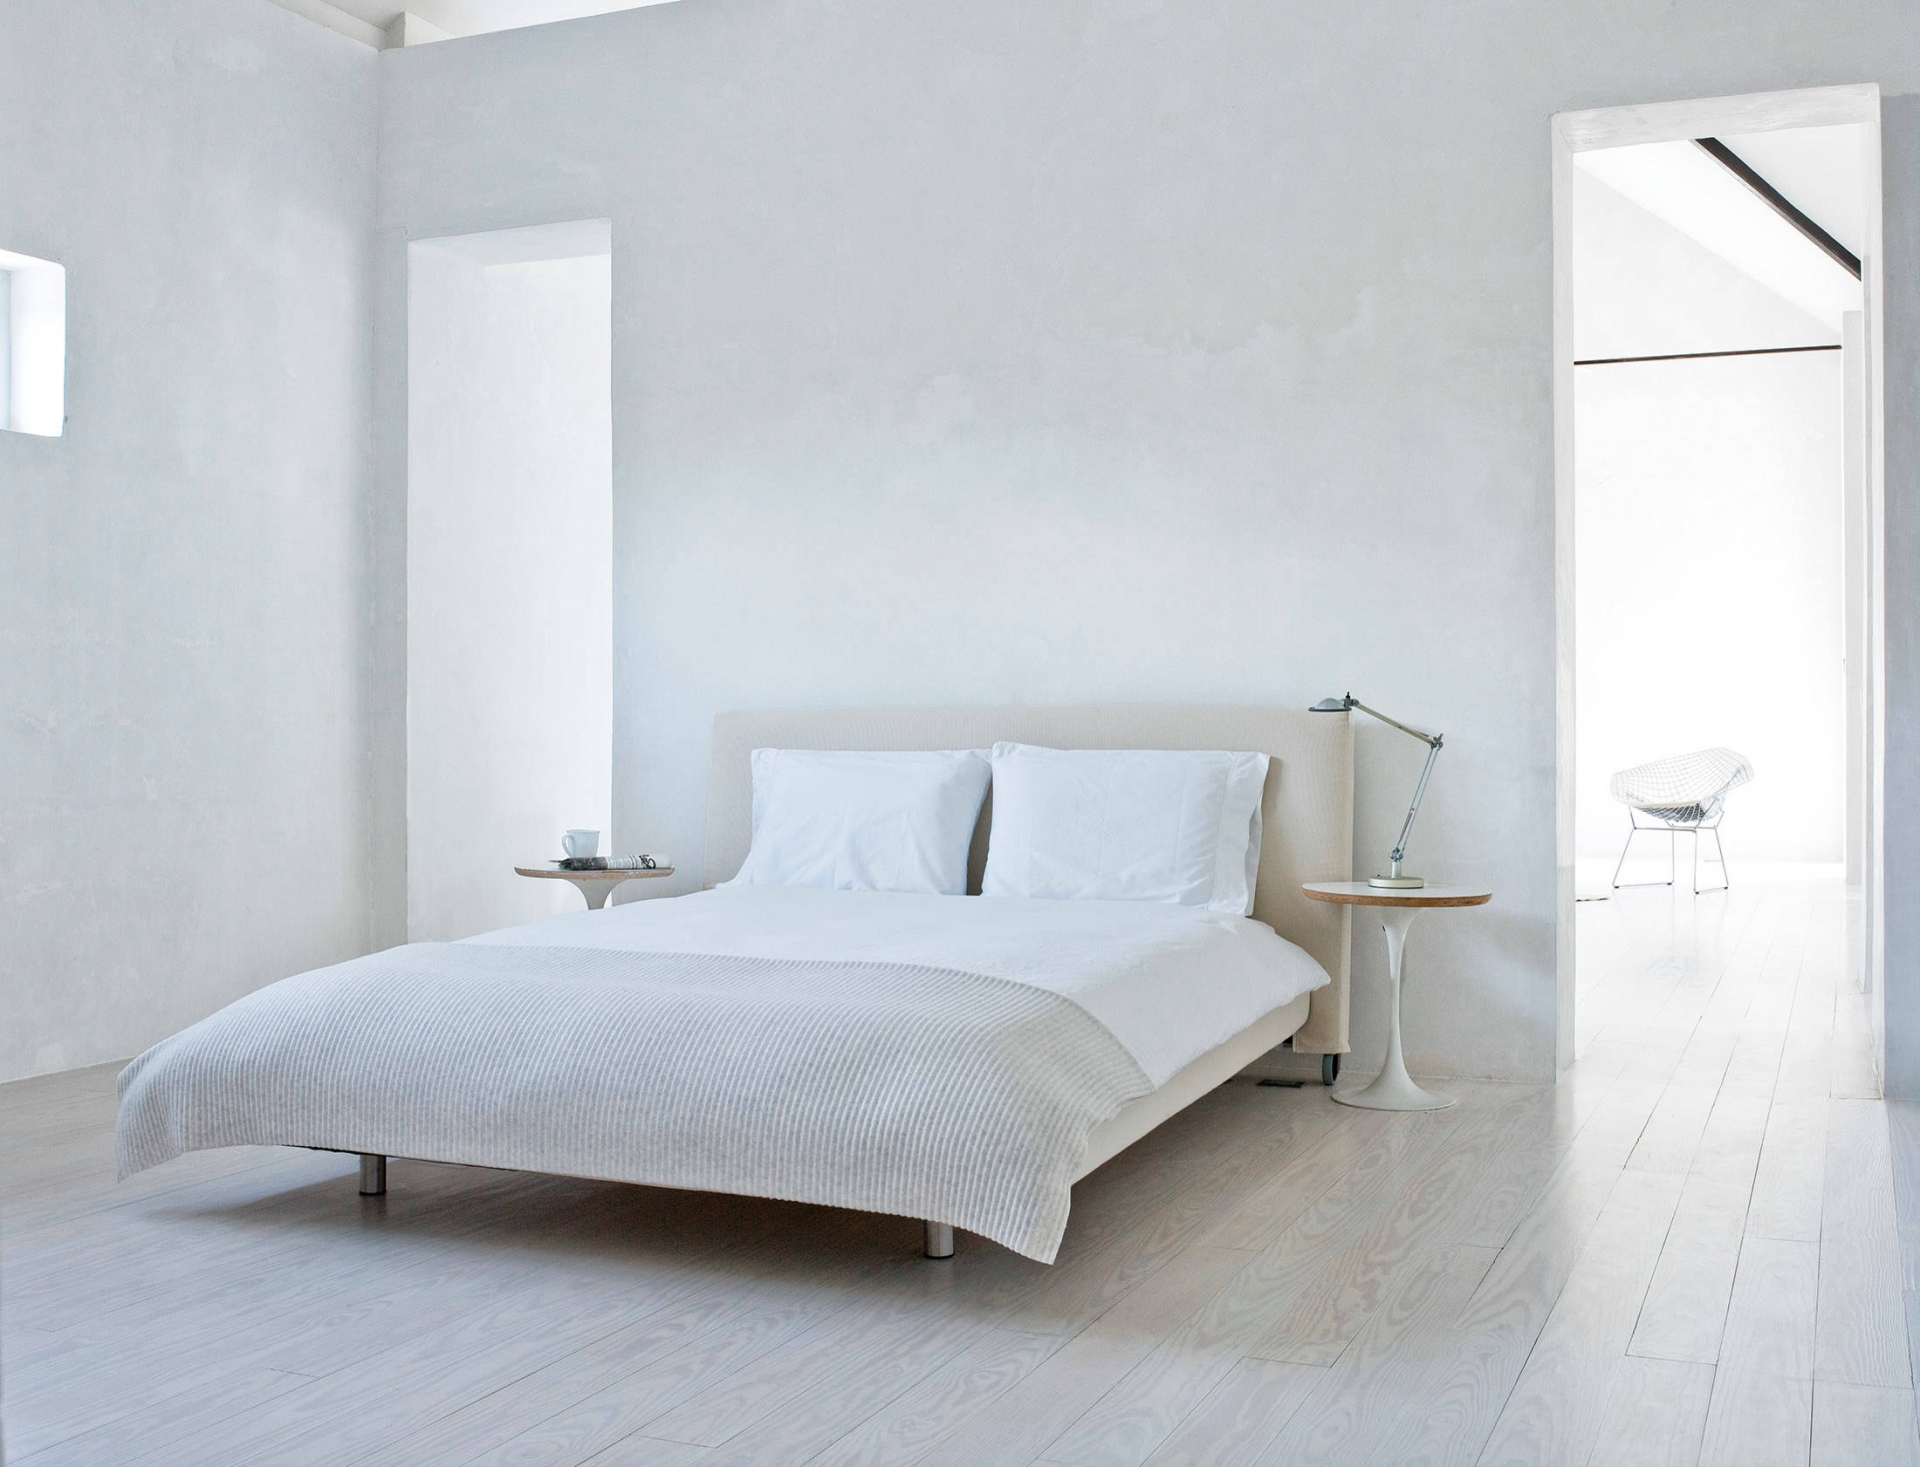 Деревянные прикроватные столики в спальне в стиле минимализм